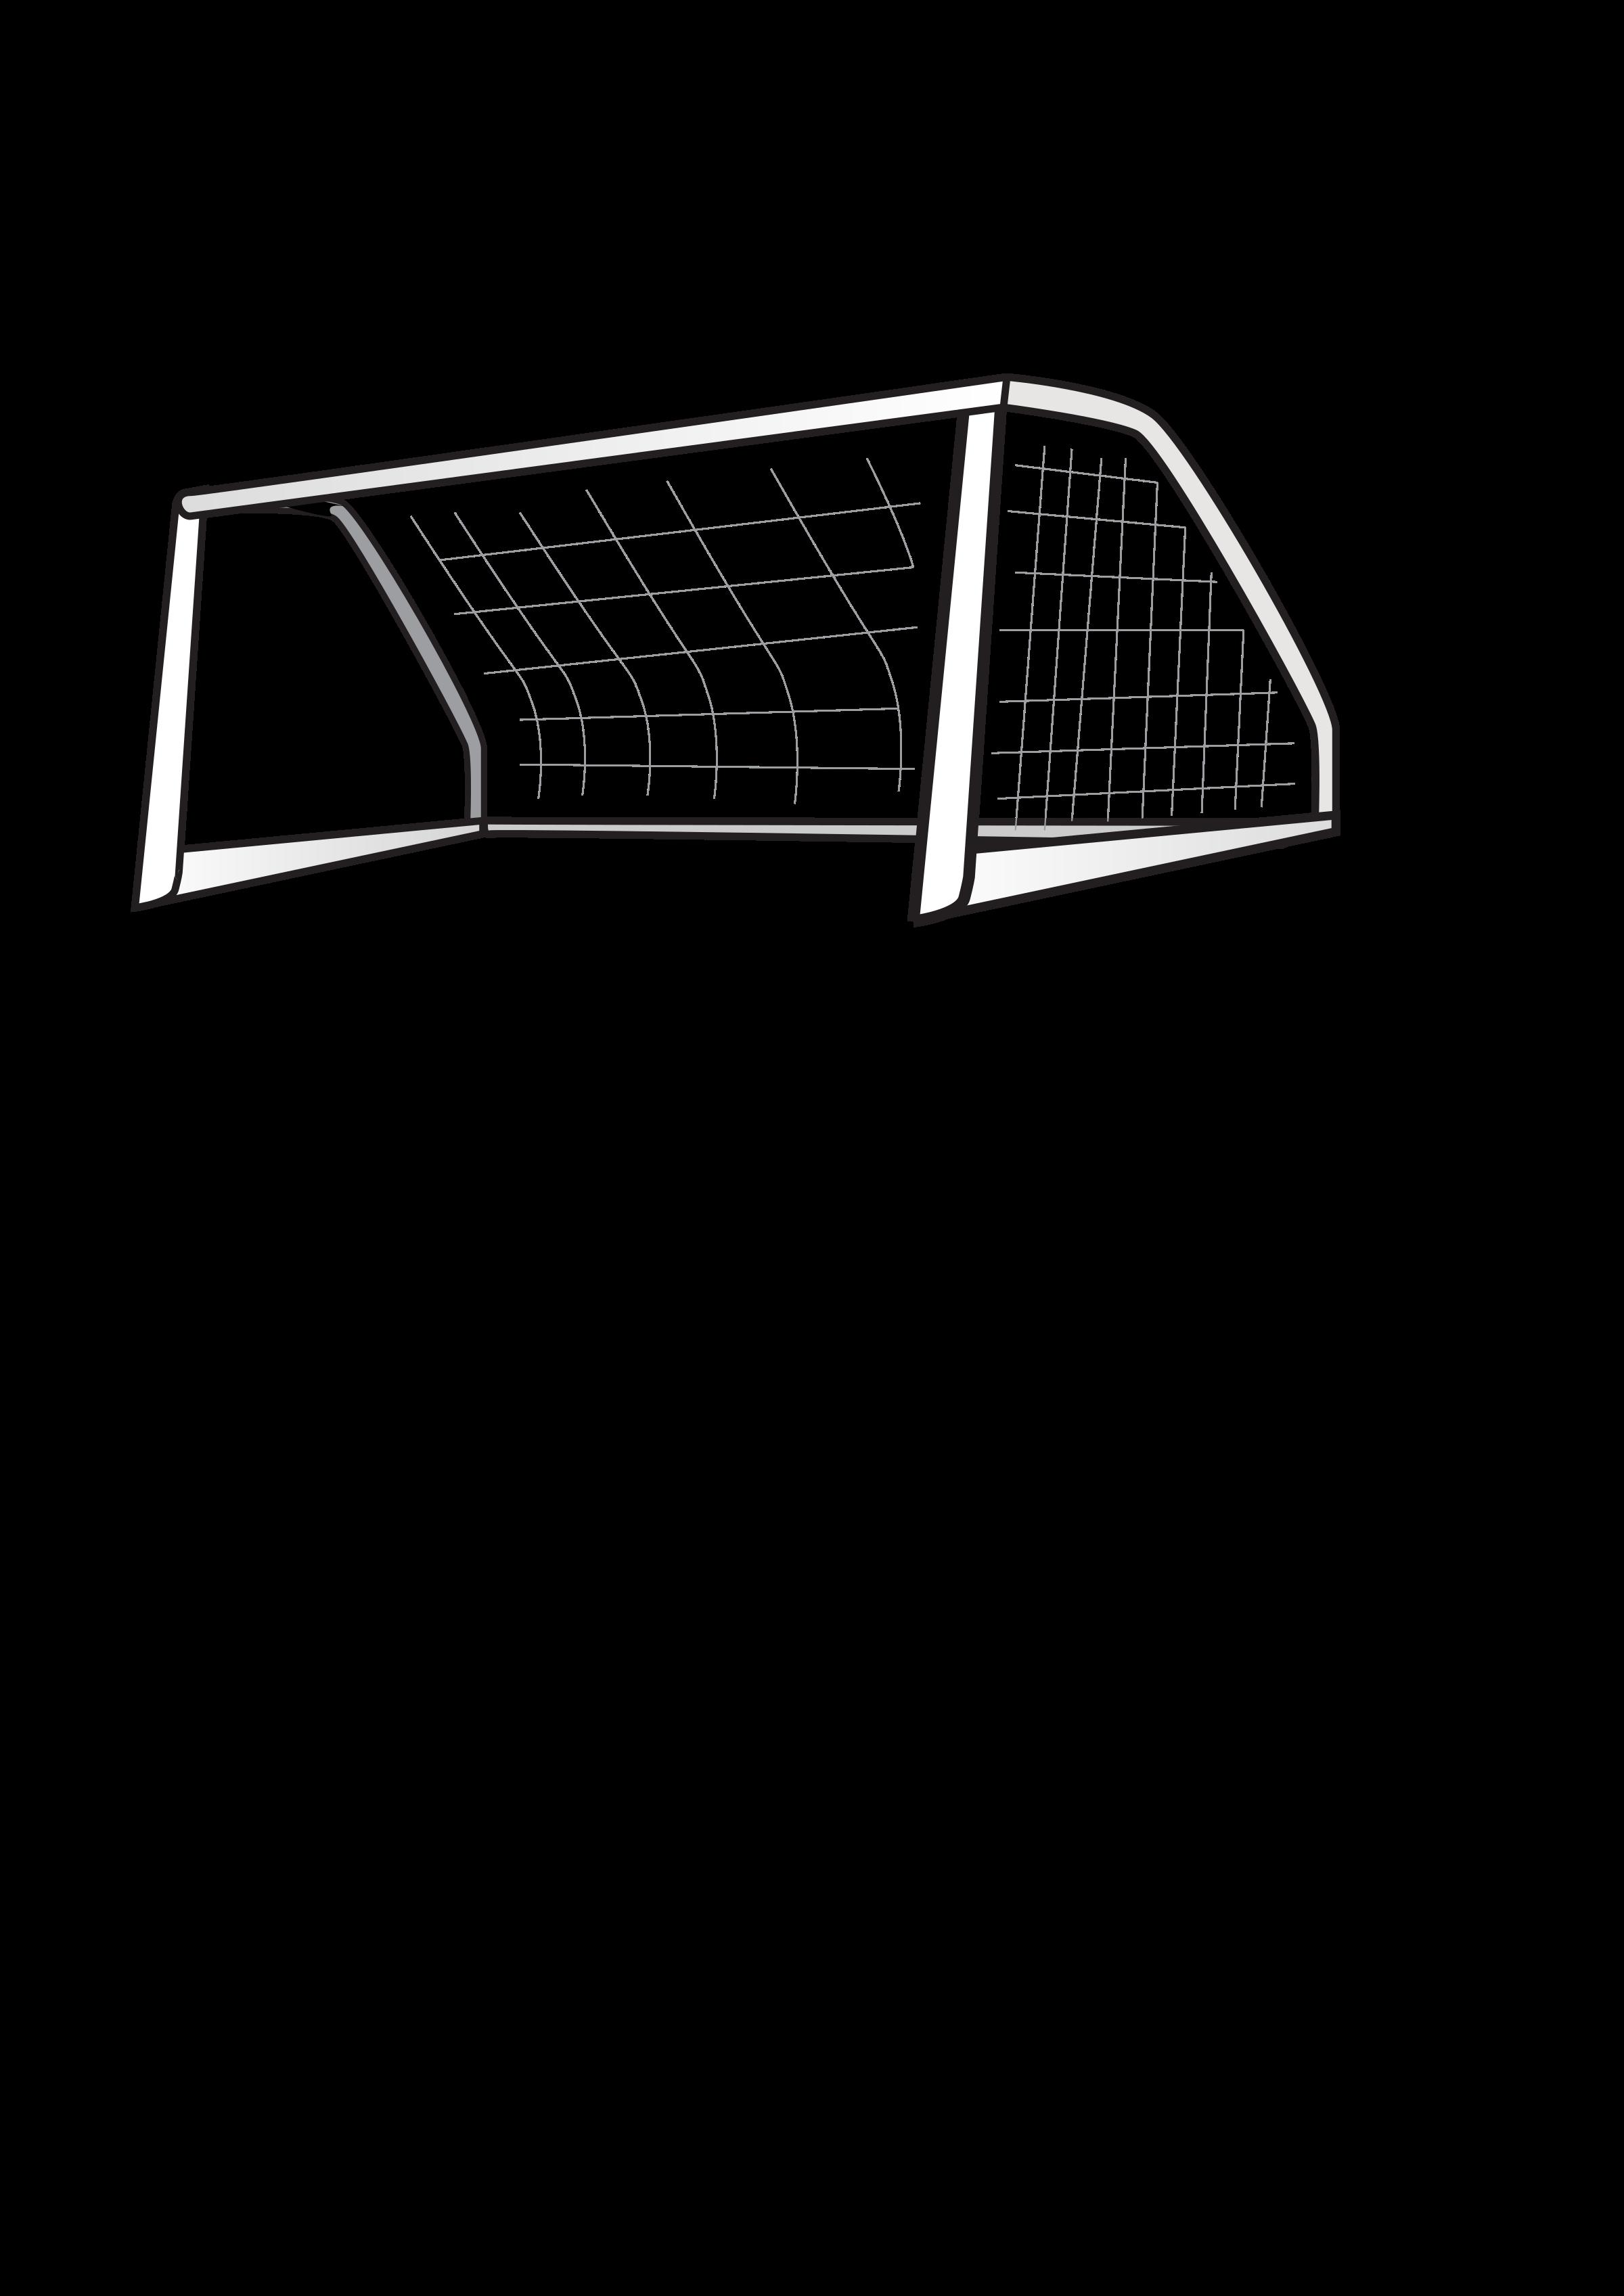 Soccer Net Vector